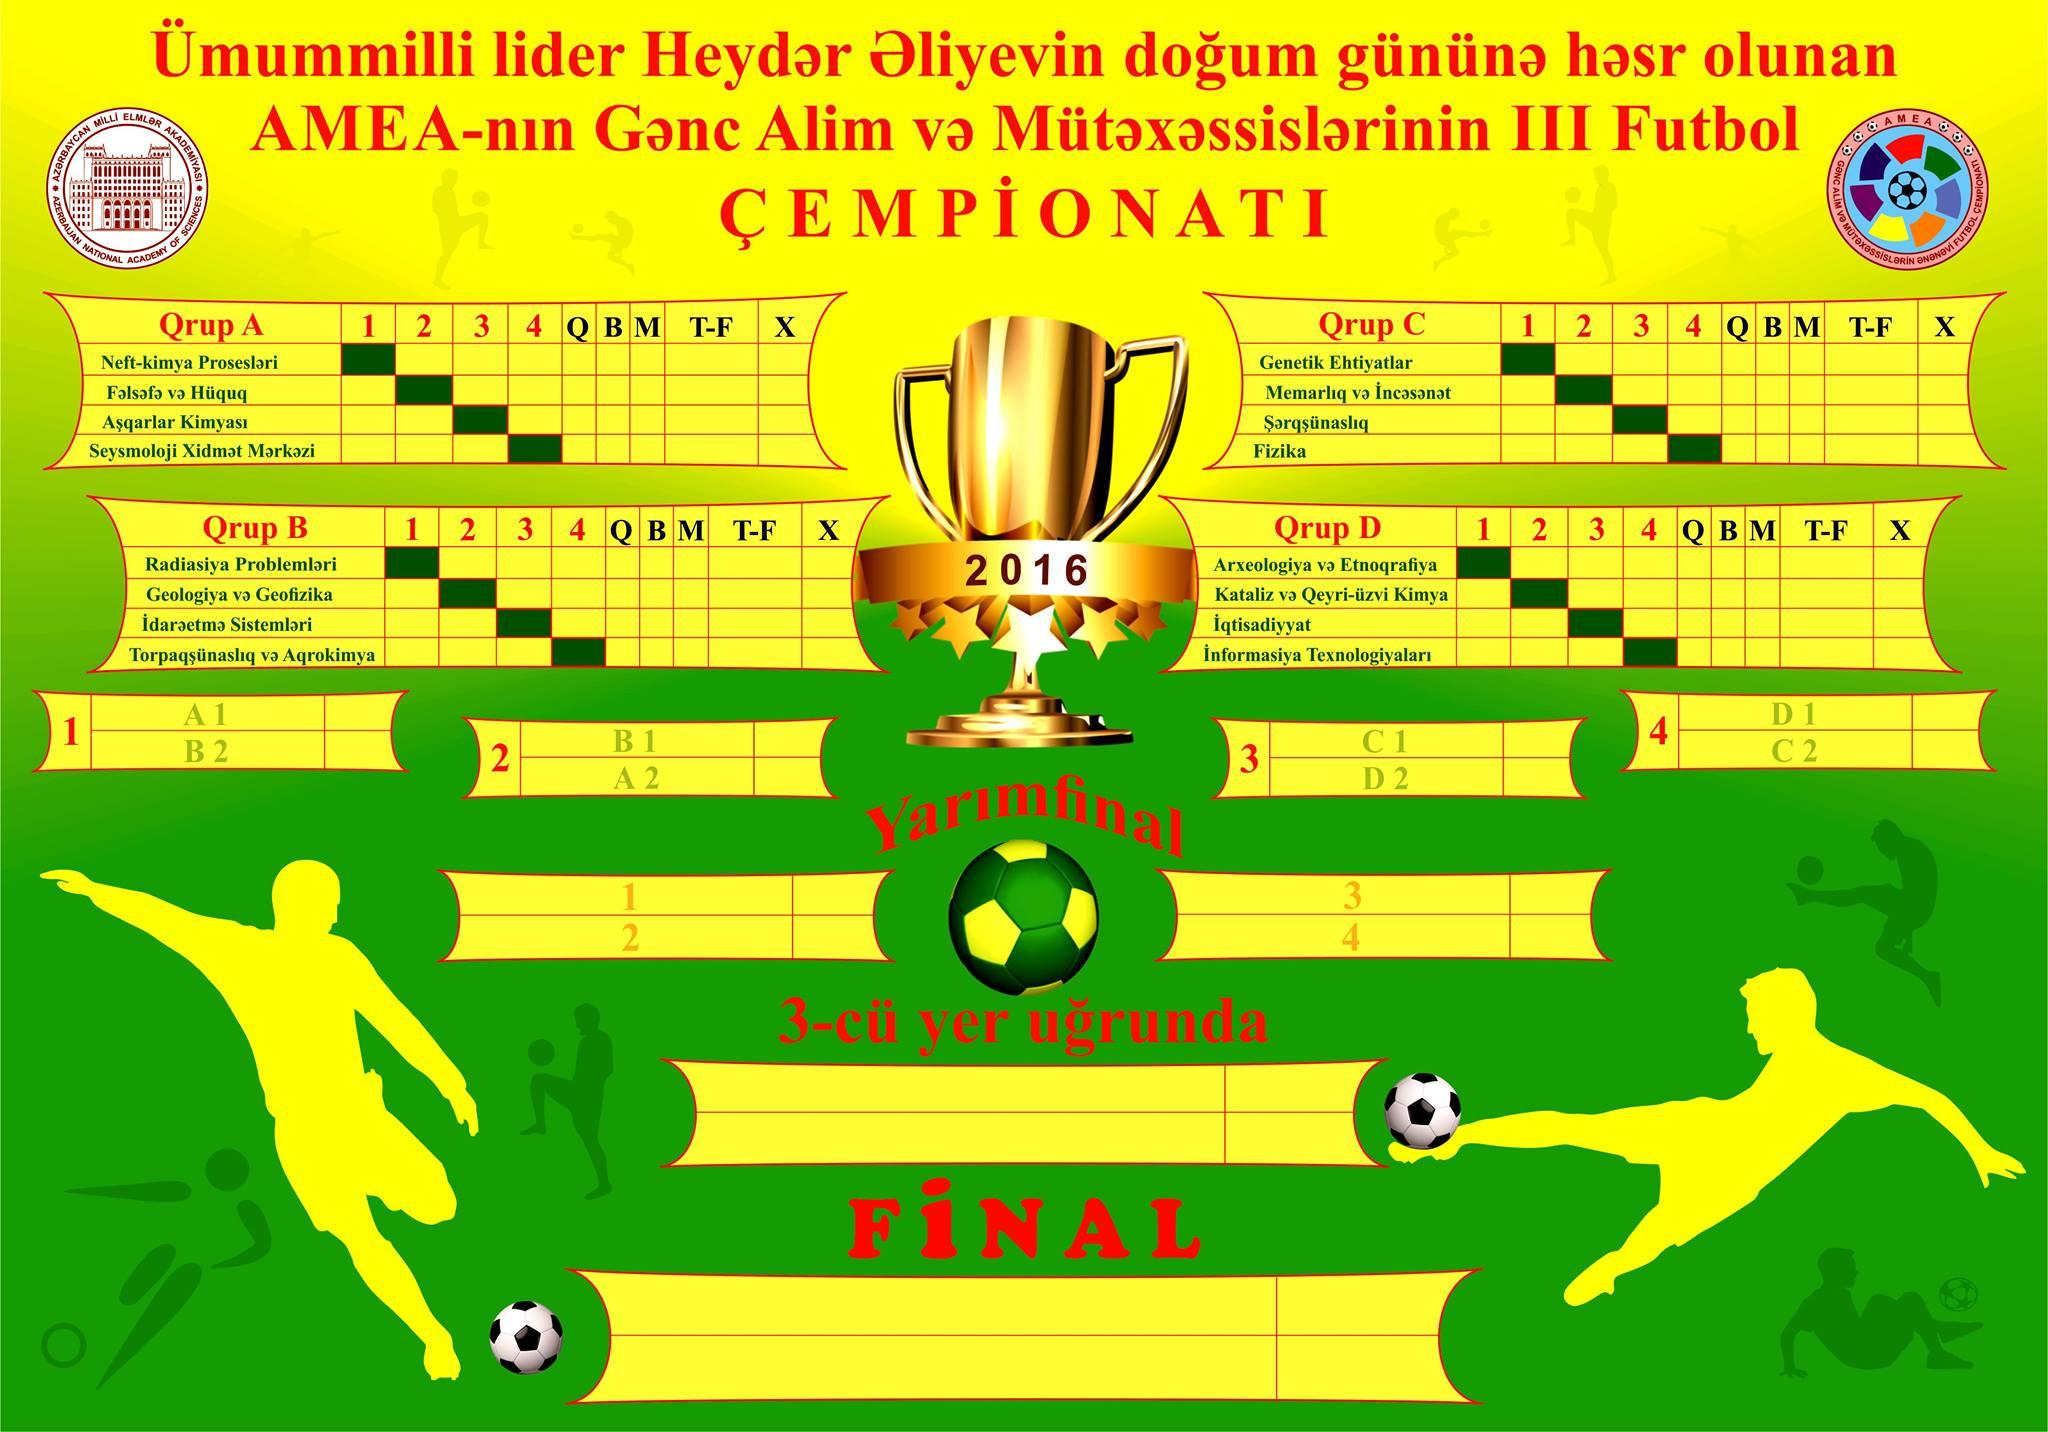 Gənc Alim və Mütəxəssislərin III Futbol Çempionatında qrup oyunları başa çatmaq üzrədir